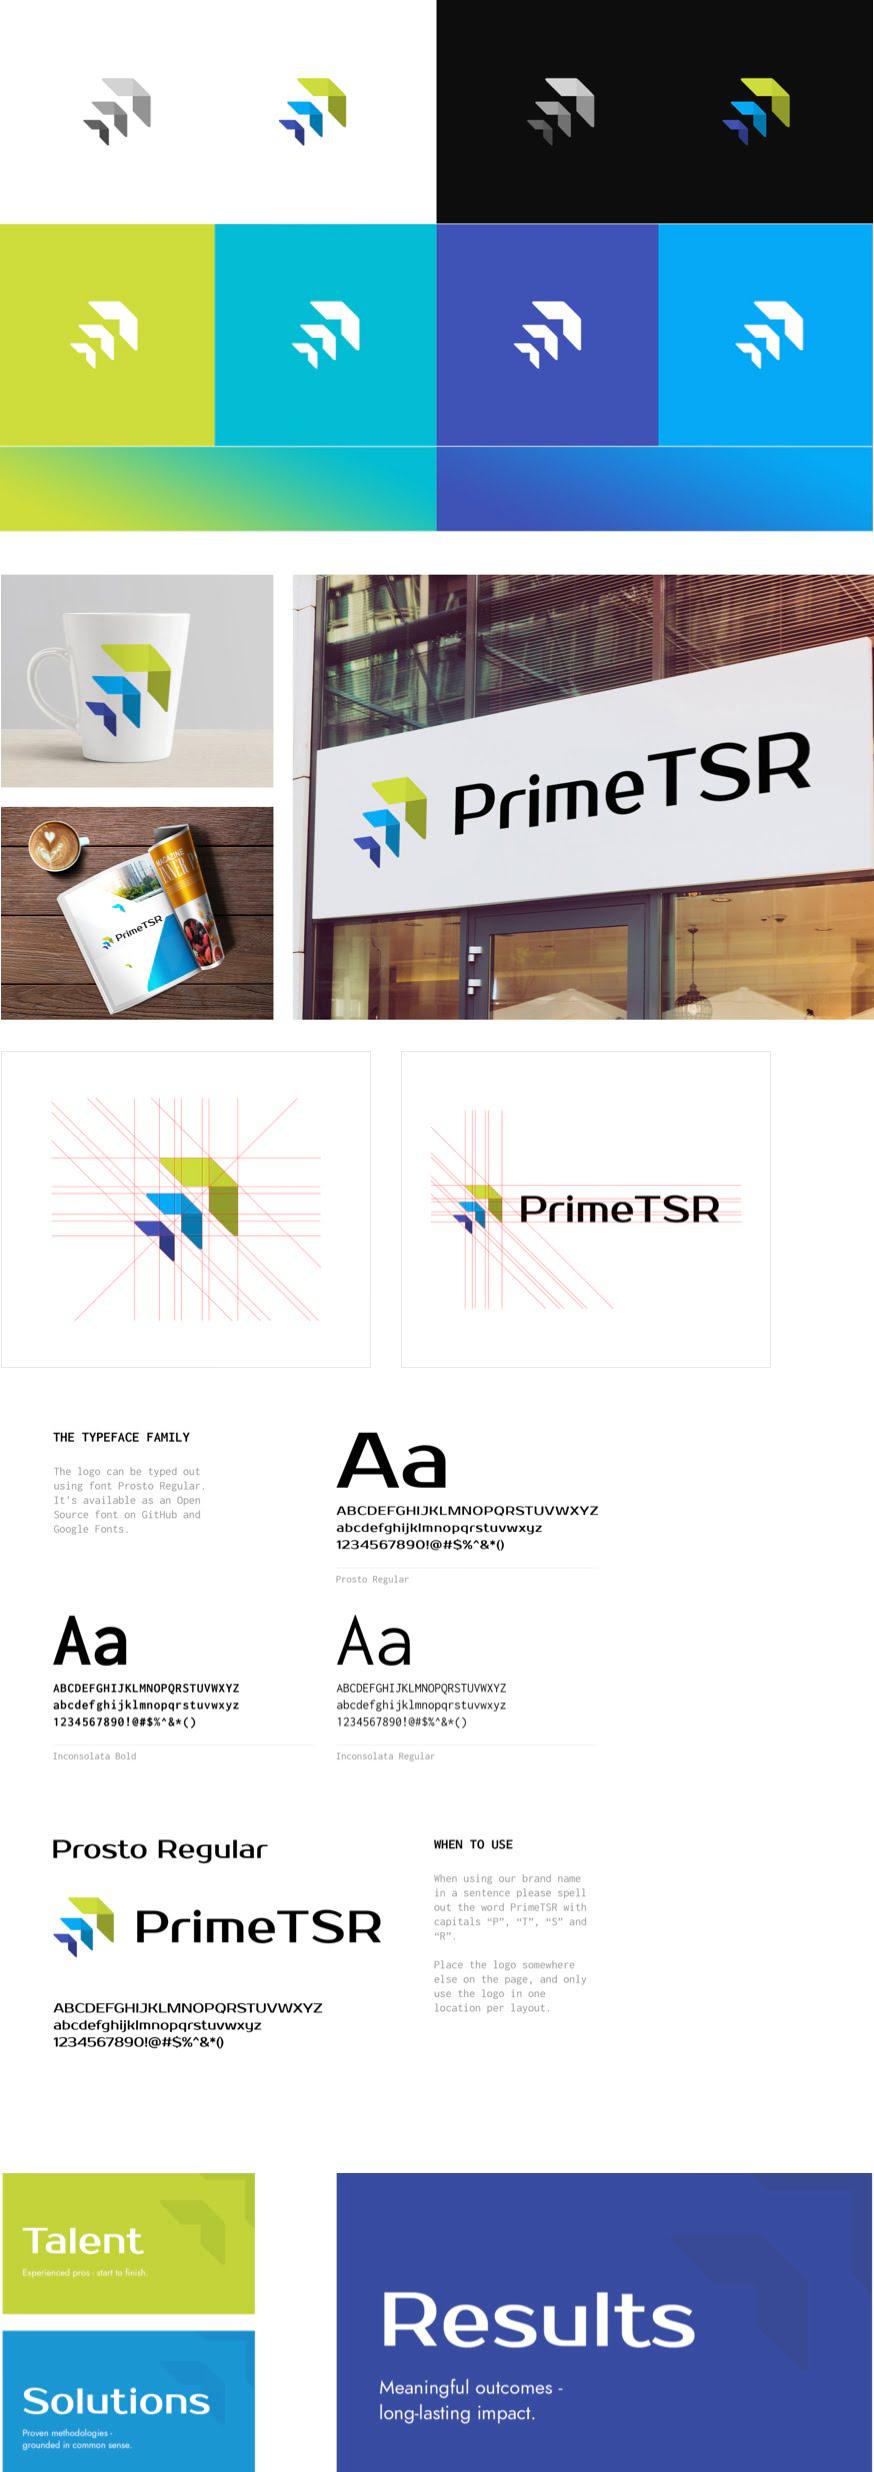 Prime TSR